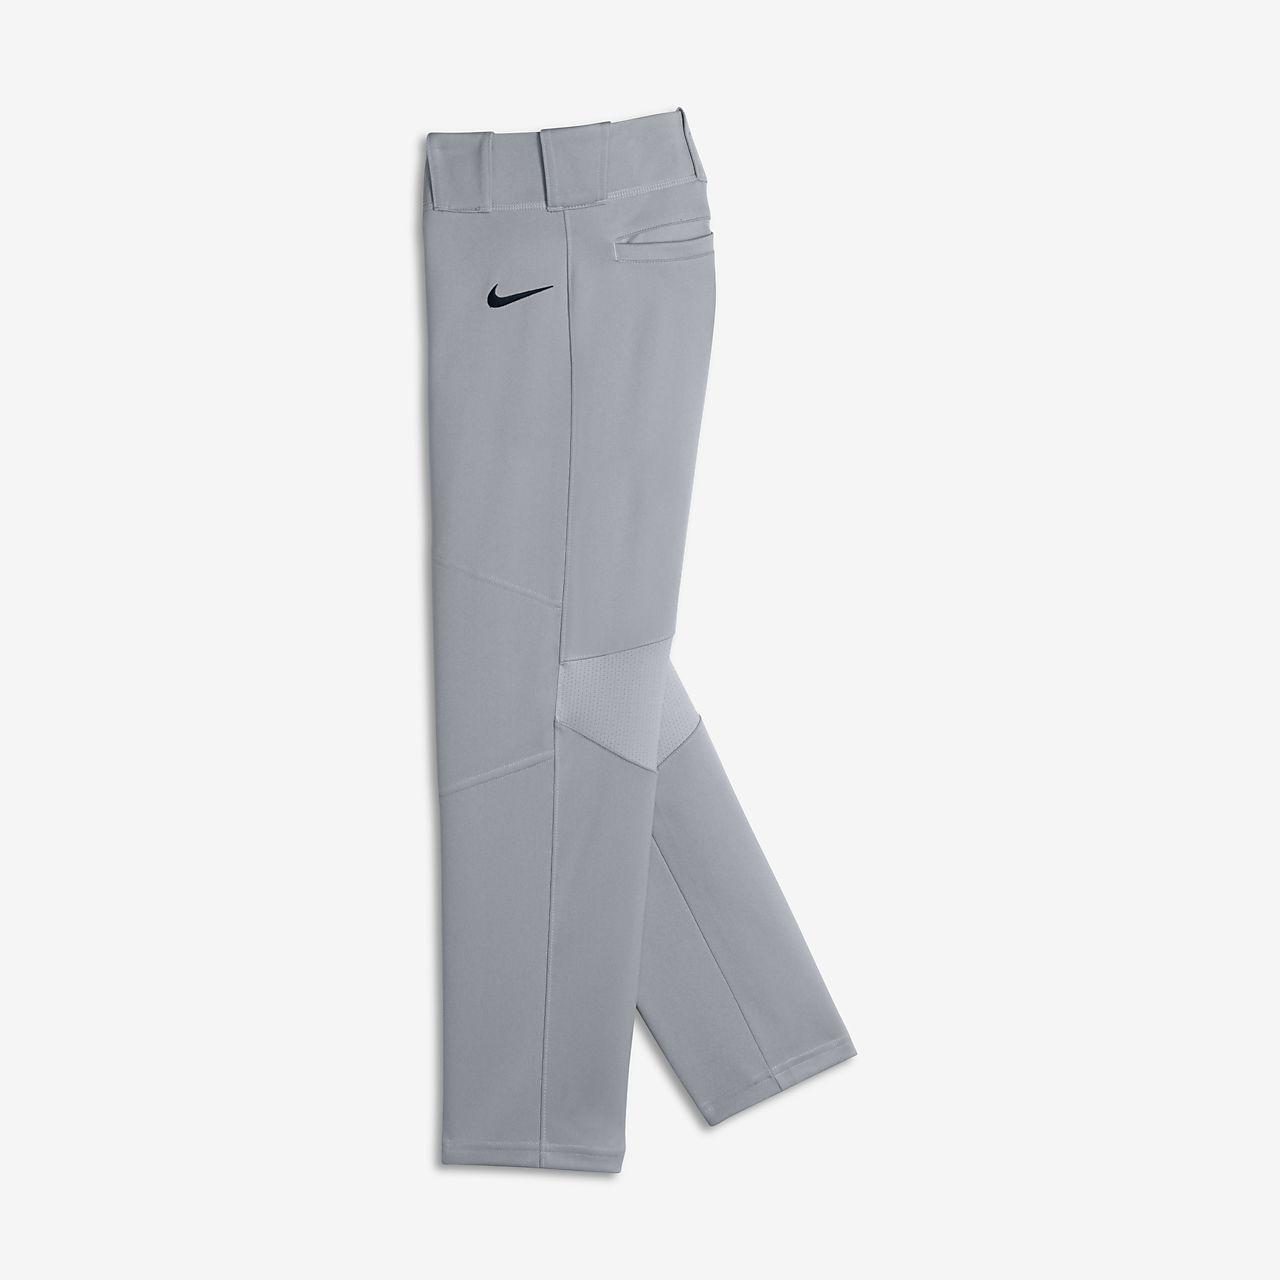 8d866e6f6 Nike Vapor Pro Big Kids' (Boys') Baseball Pants. Nike.com